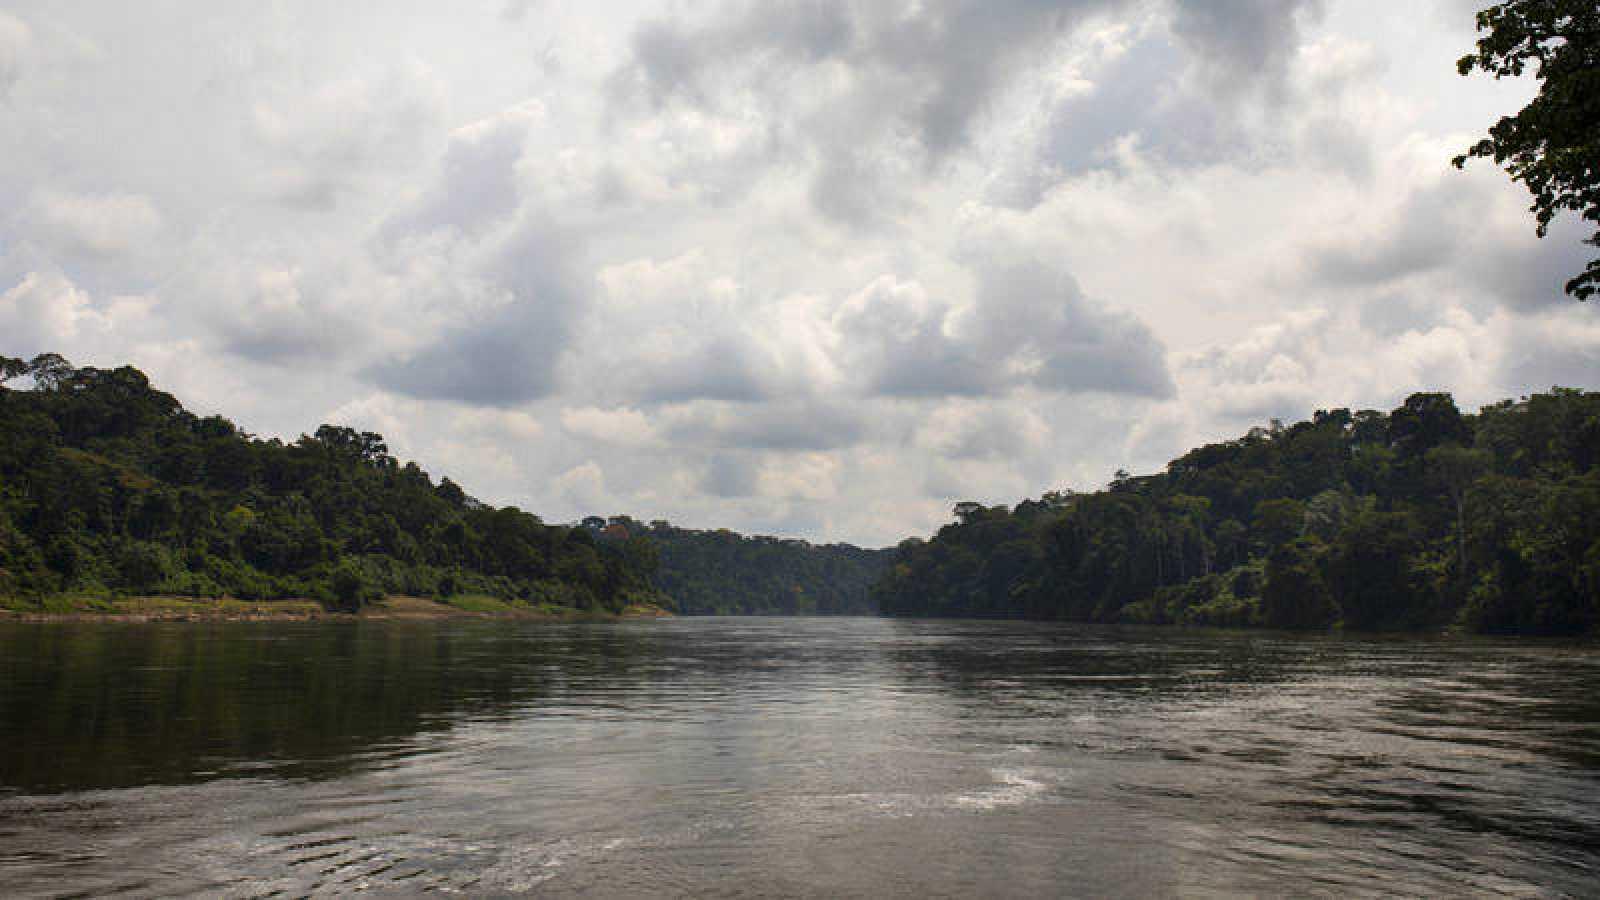 El río Cross, a su paso por Abgokim, en la frontera entre Nigeria y Camerún